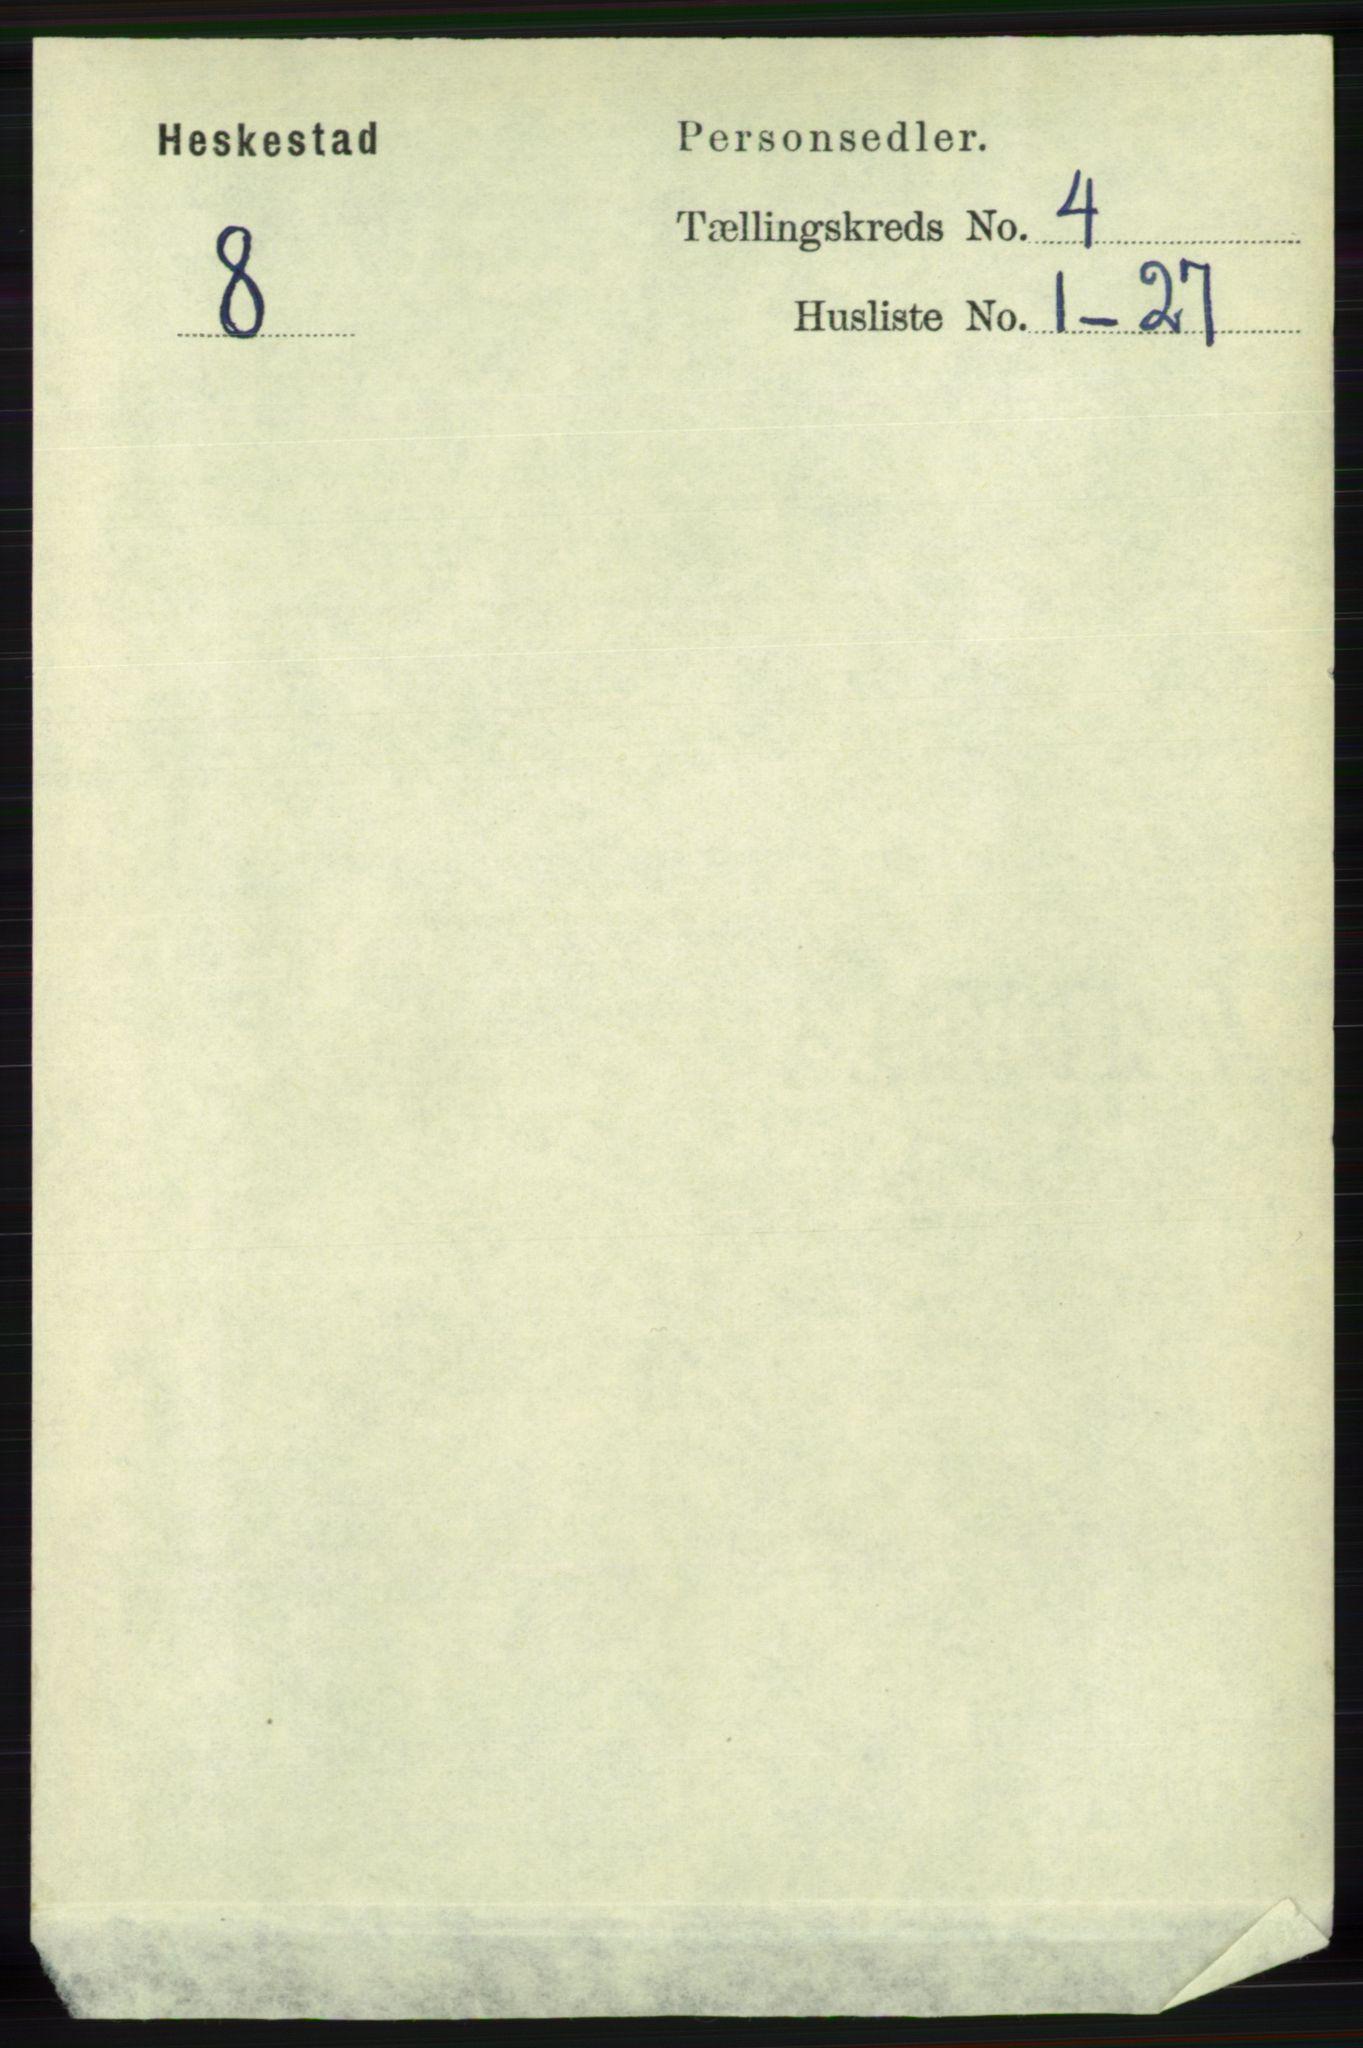 RA, Folketelling 1891 for 1113 Heskestad herred, 1891, s. 541